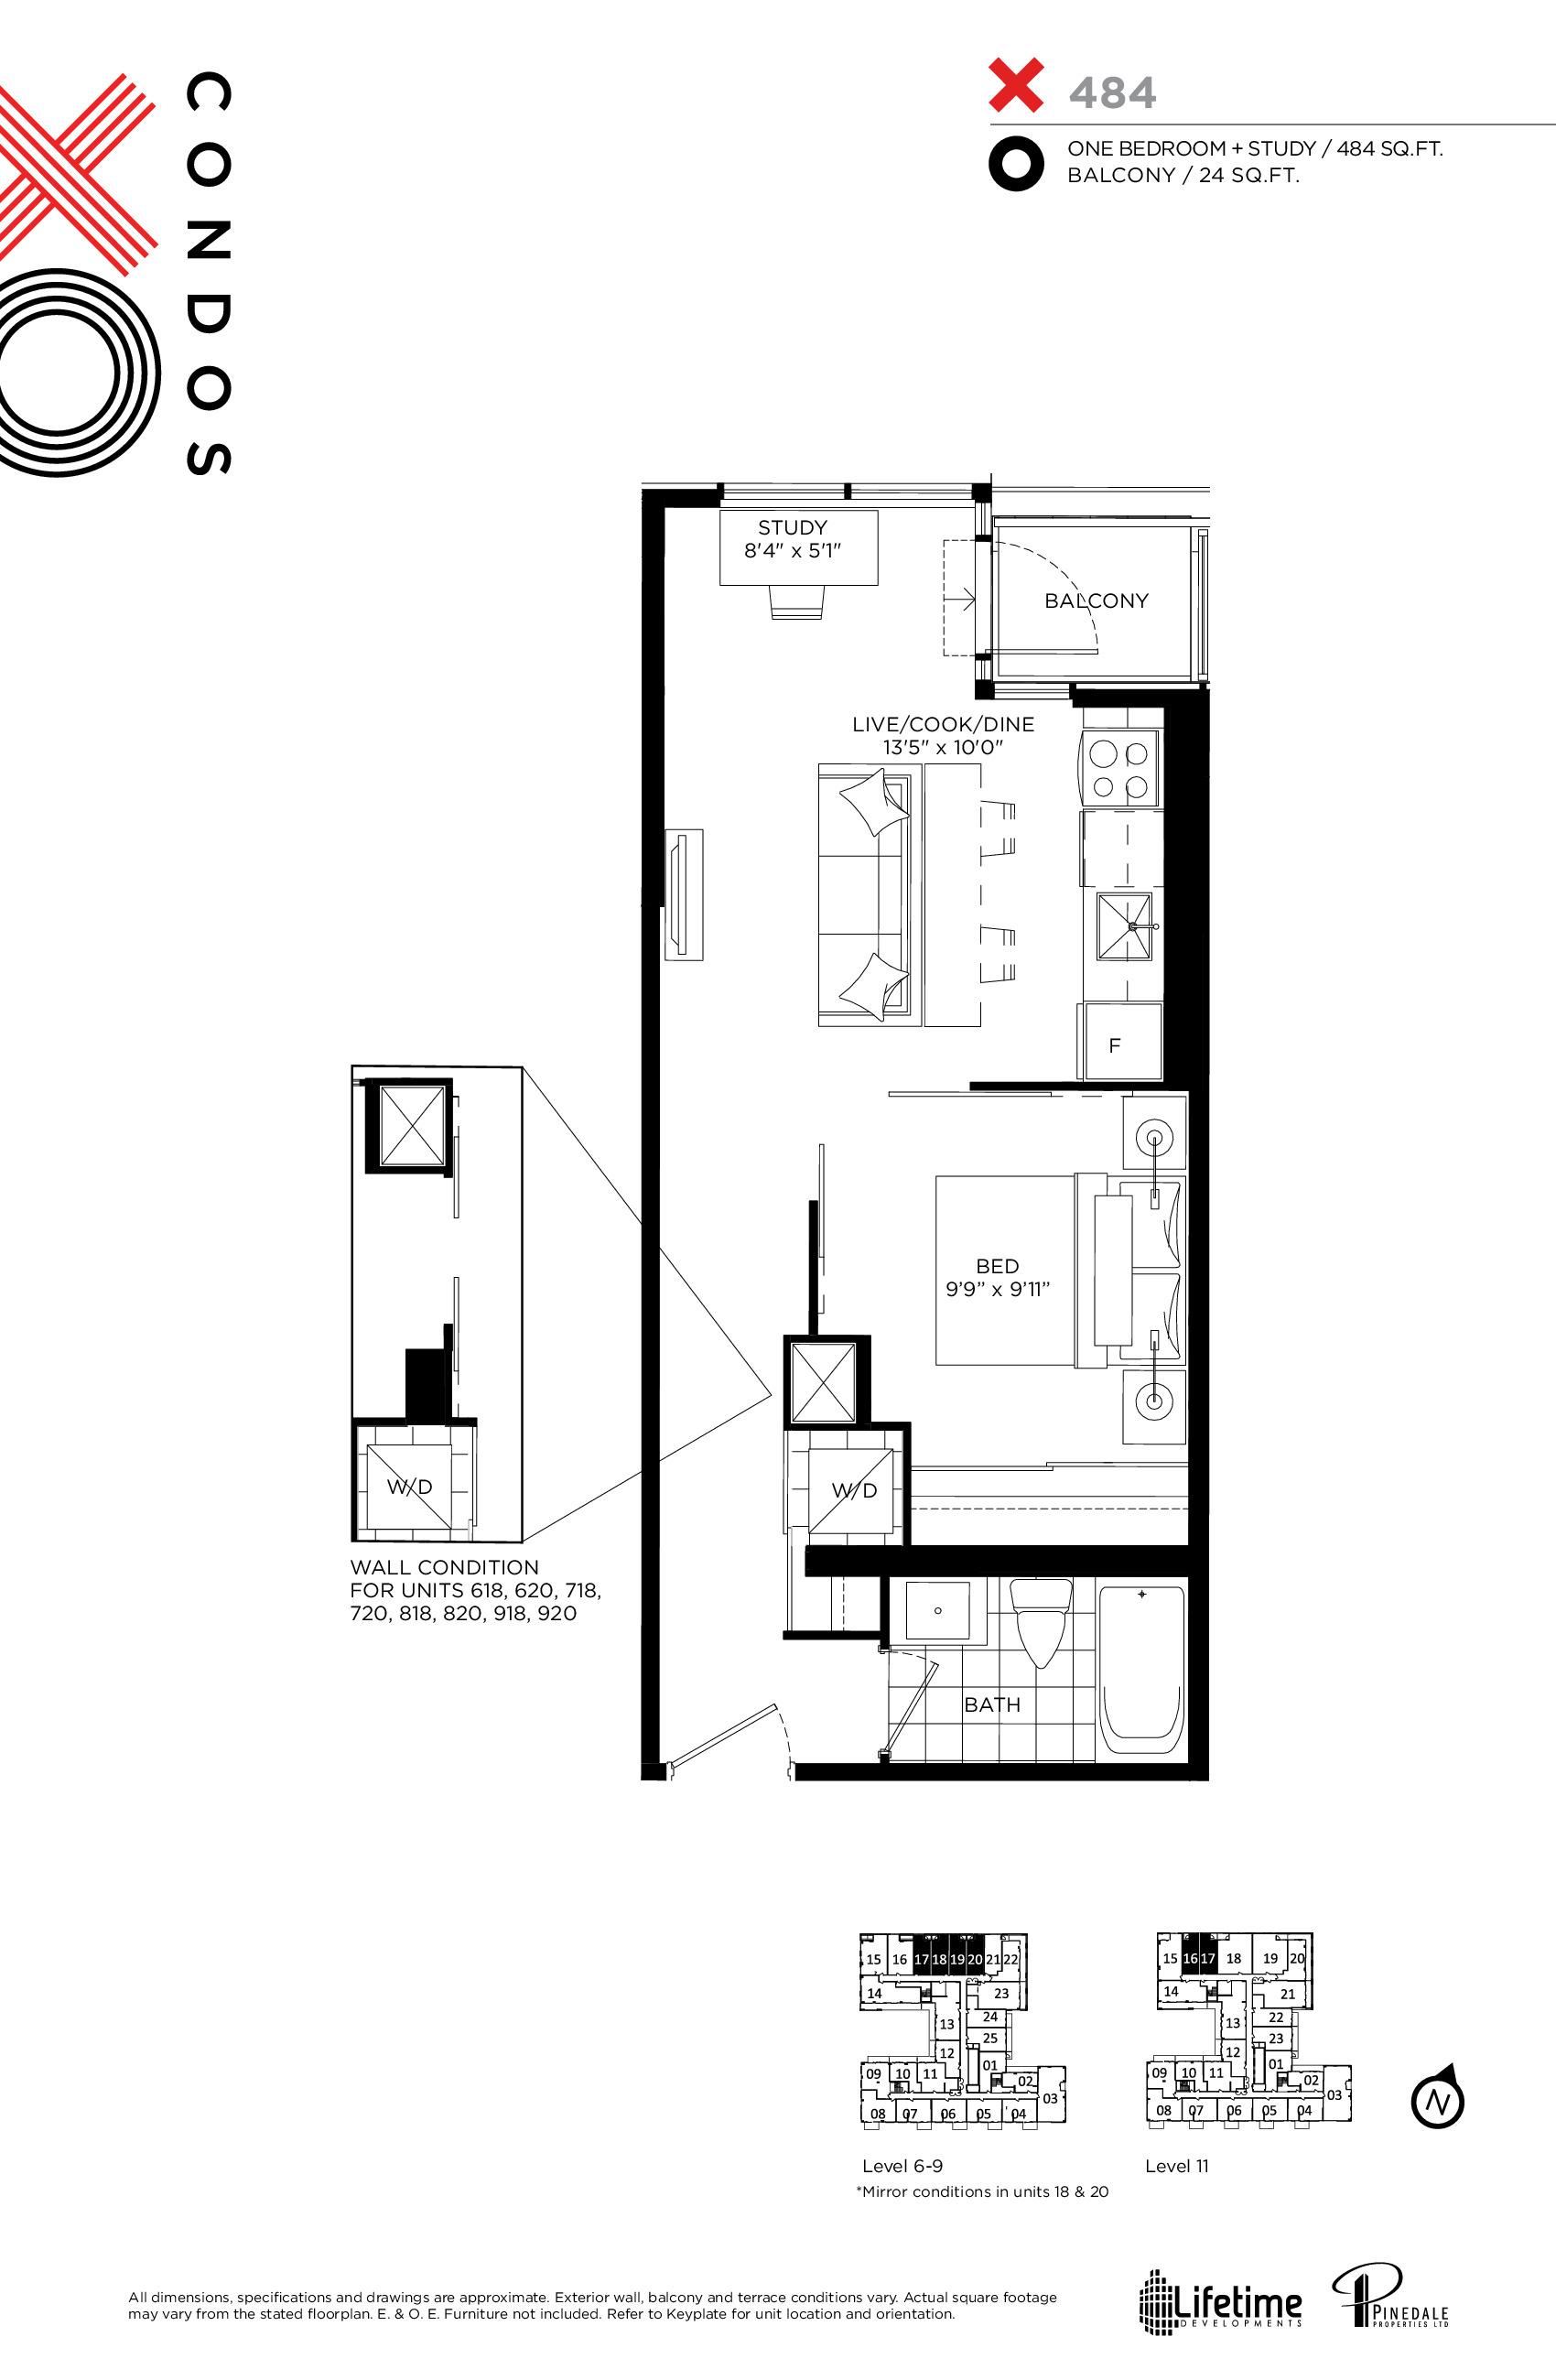 X484 Floor Plan at XO Condos - 484 sq.ft